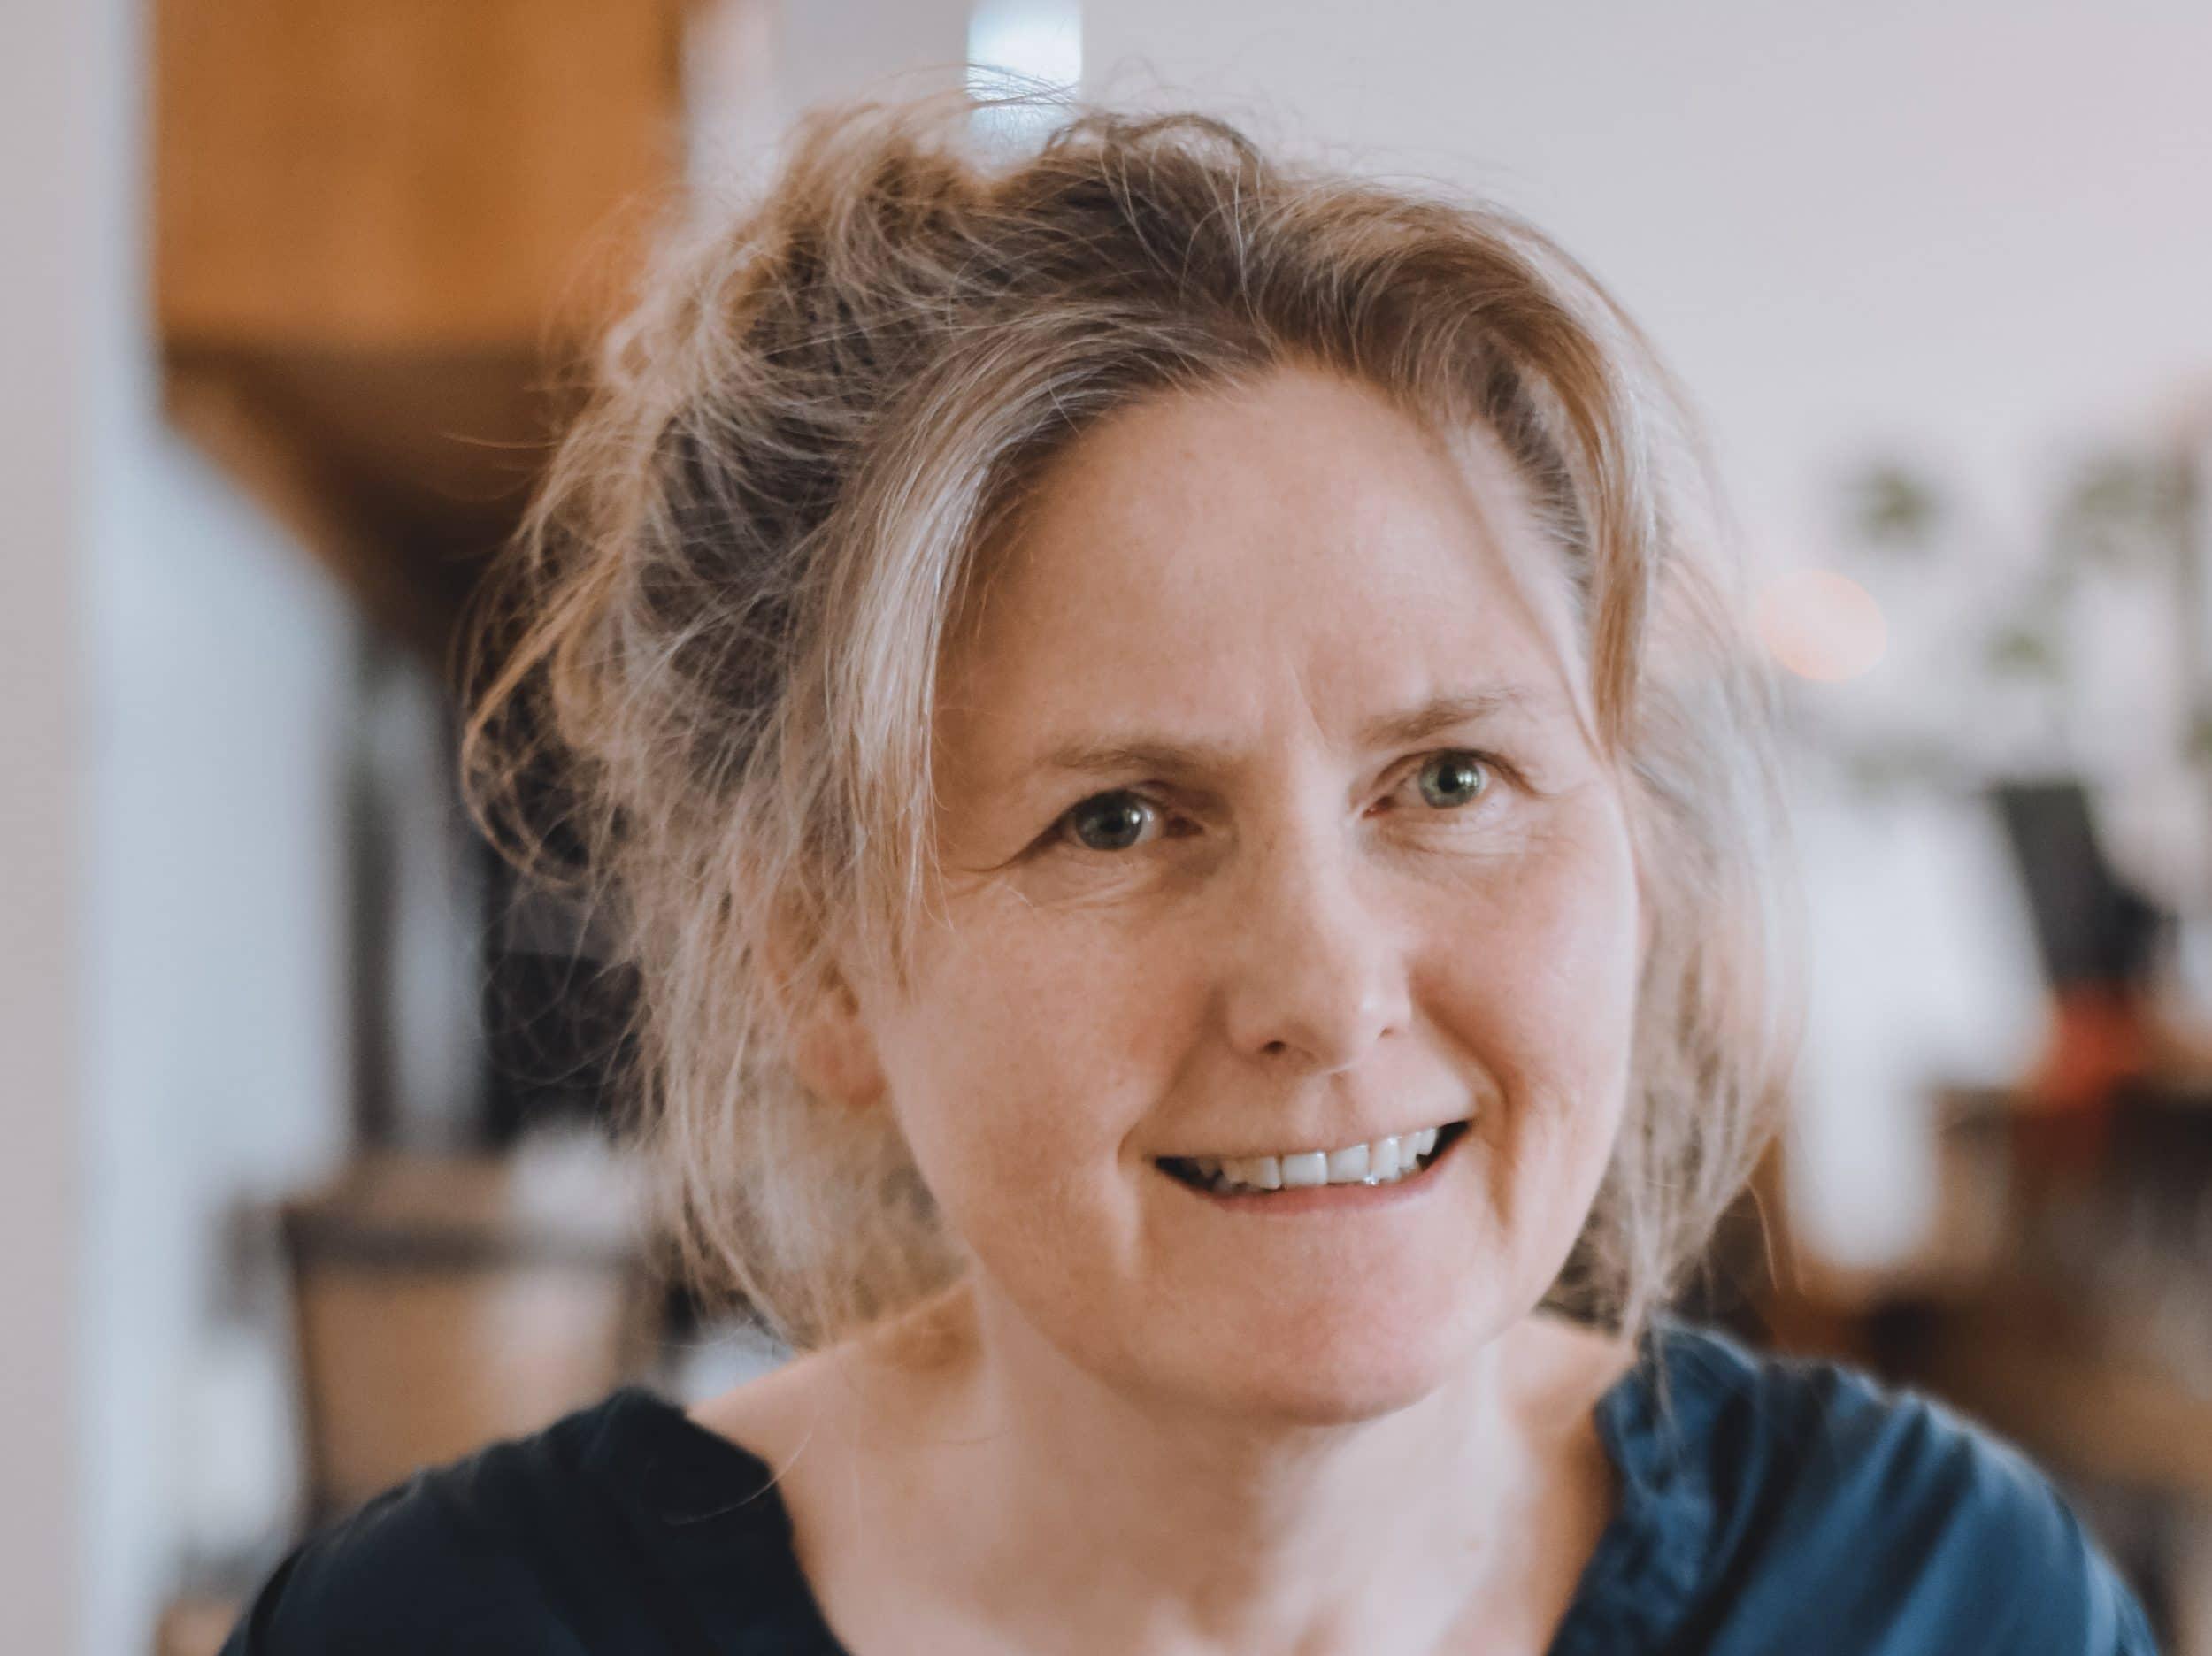 Referentin Guðrún Pétursdóttir ist Expertin auf dem Gebiet der Sensibilisierung gegenüber Alltagsrassismus und -diskriminierung. (Foto:  CHANCENGLEICH in Europa e. V.)